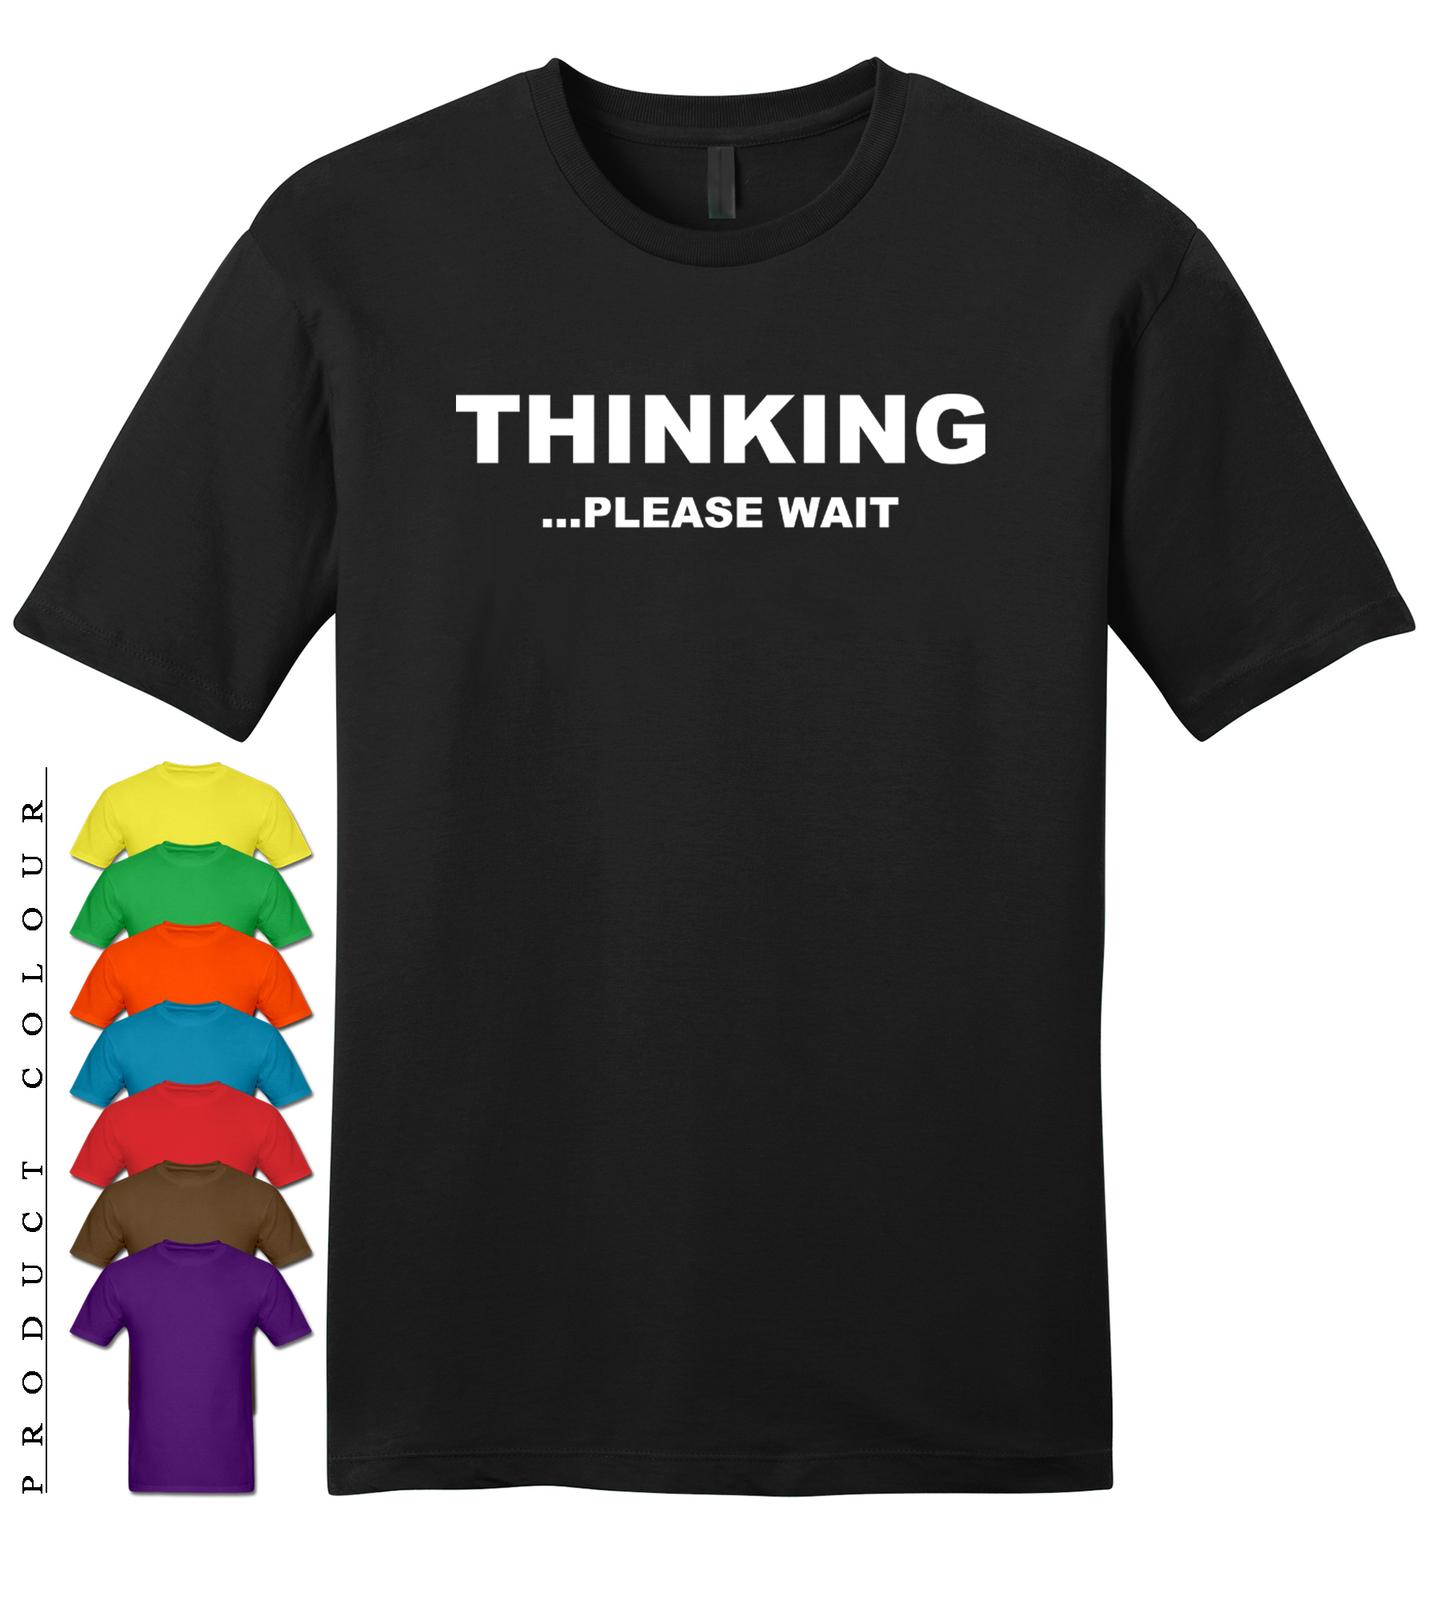 Thinking please wait